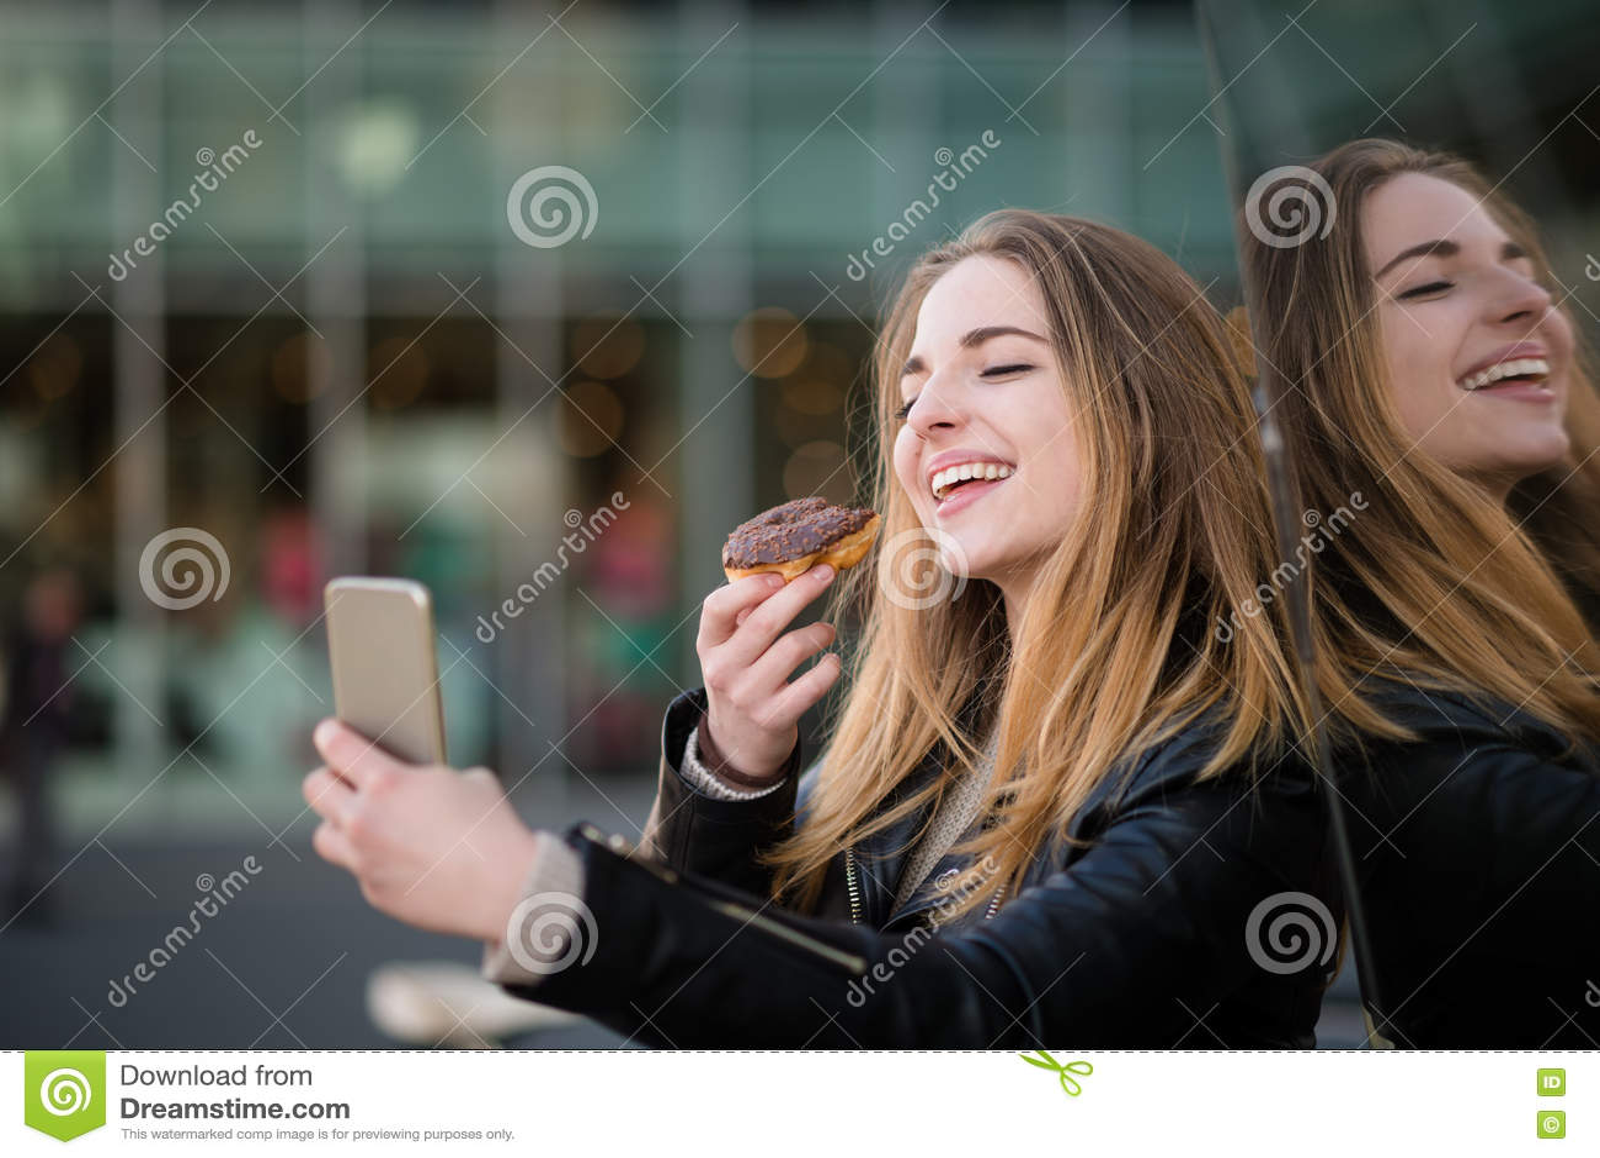 girl Sweet outdoor teen